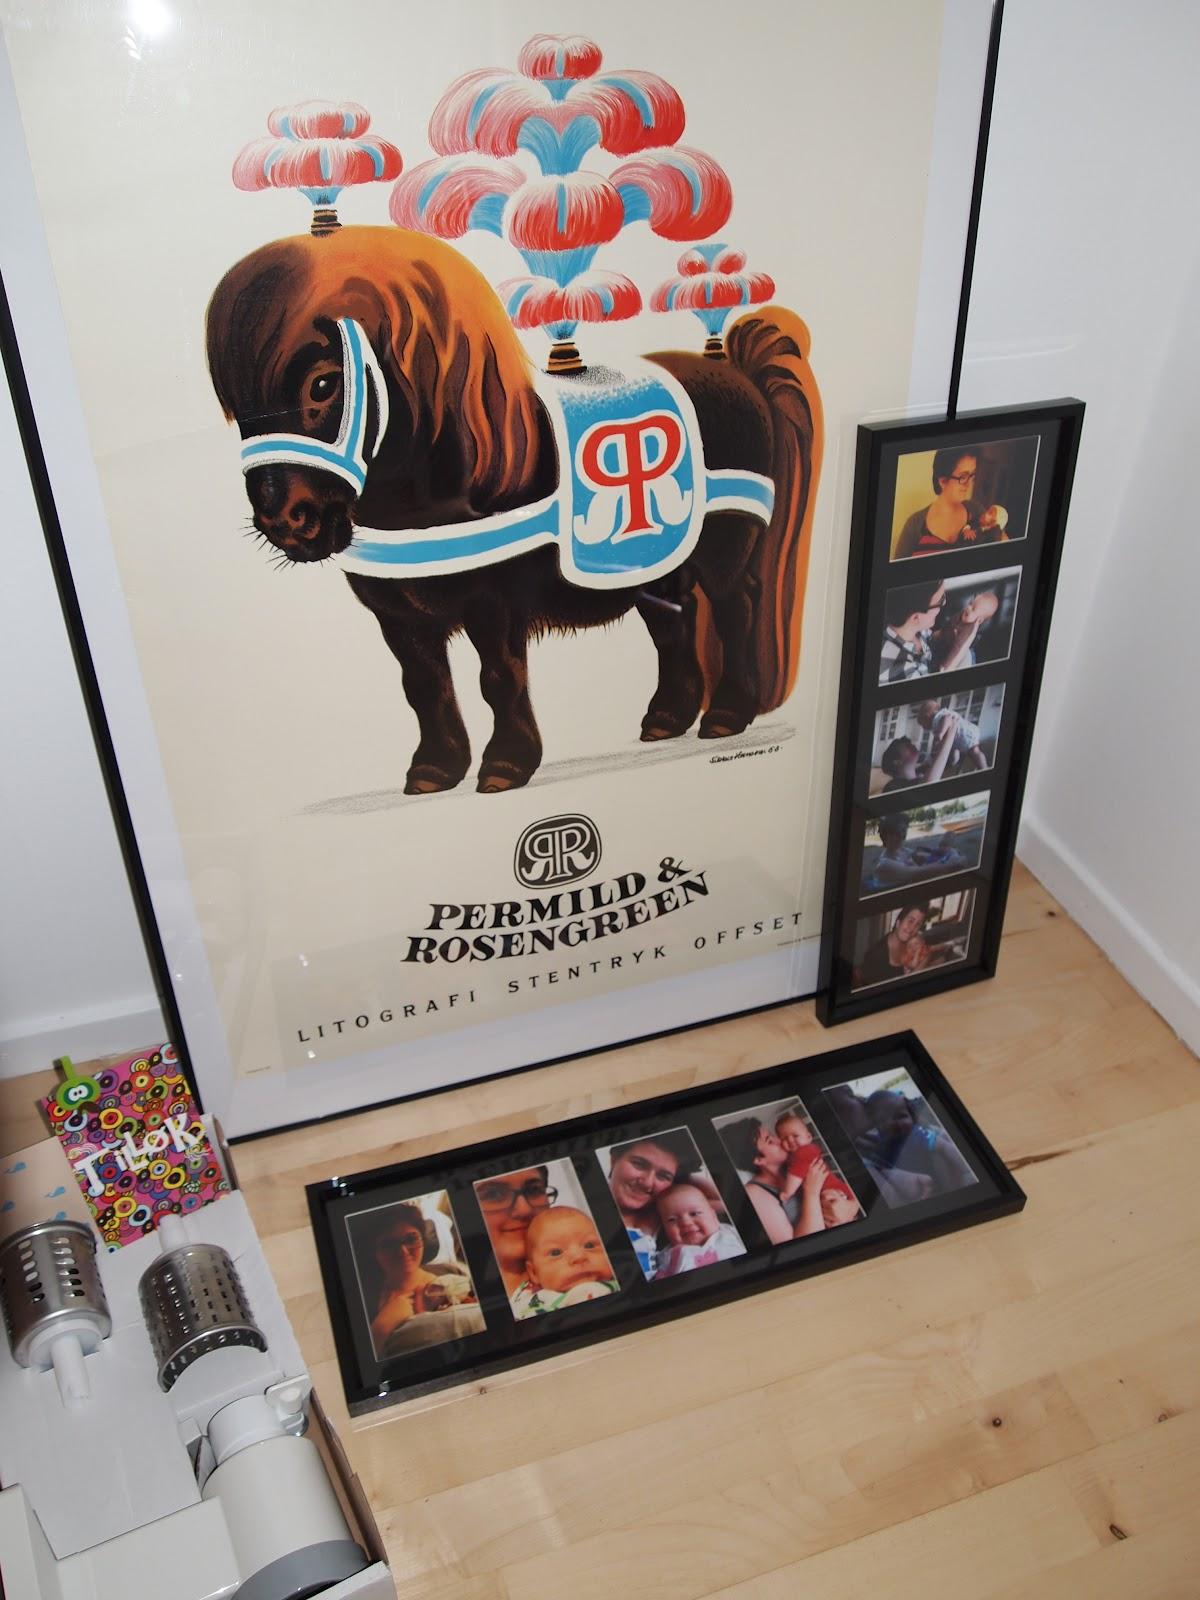 56884a3fbdf Et billede af cirkushesten, af Aage Sikker Hansen. ELSKER den hest altså.  Og sidst men bestemt ikke mindst to rammer fyldt ...